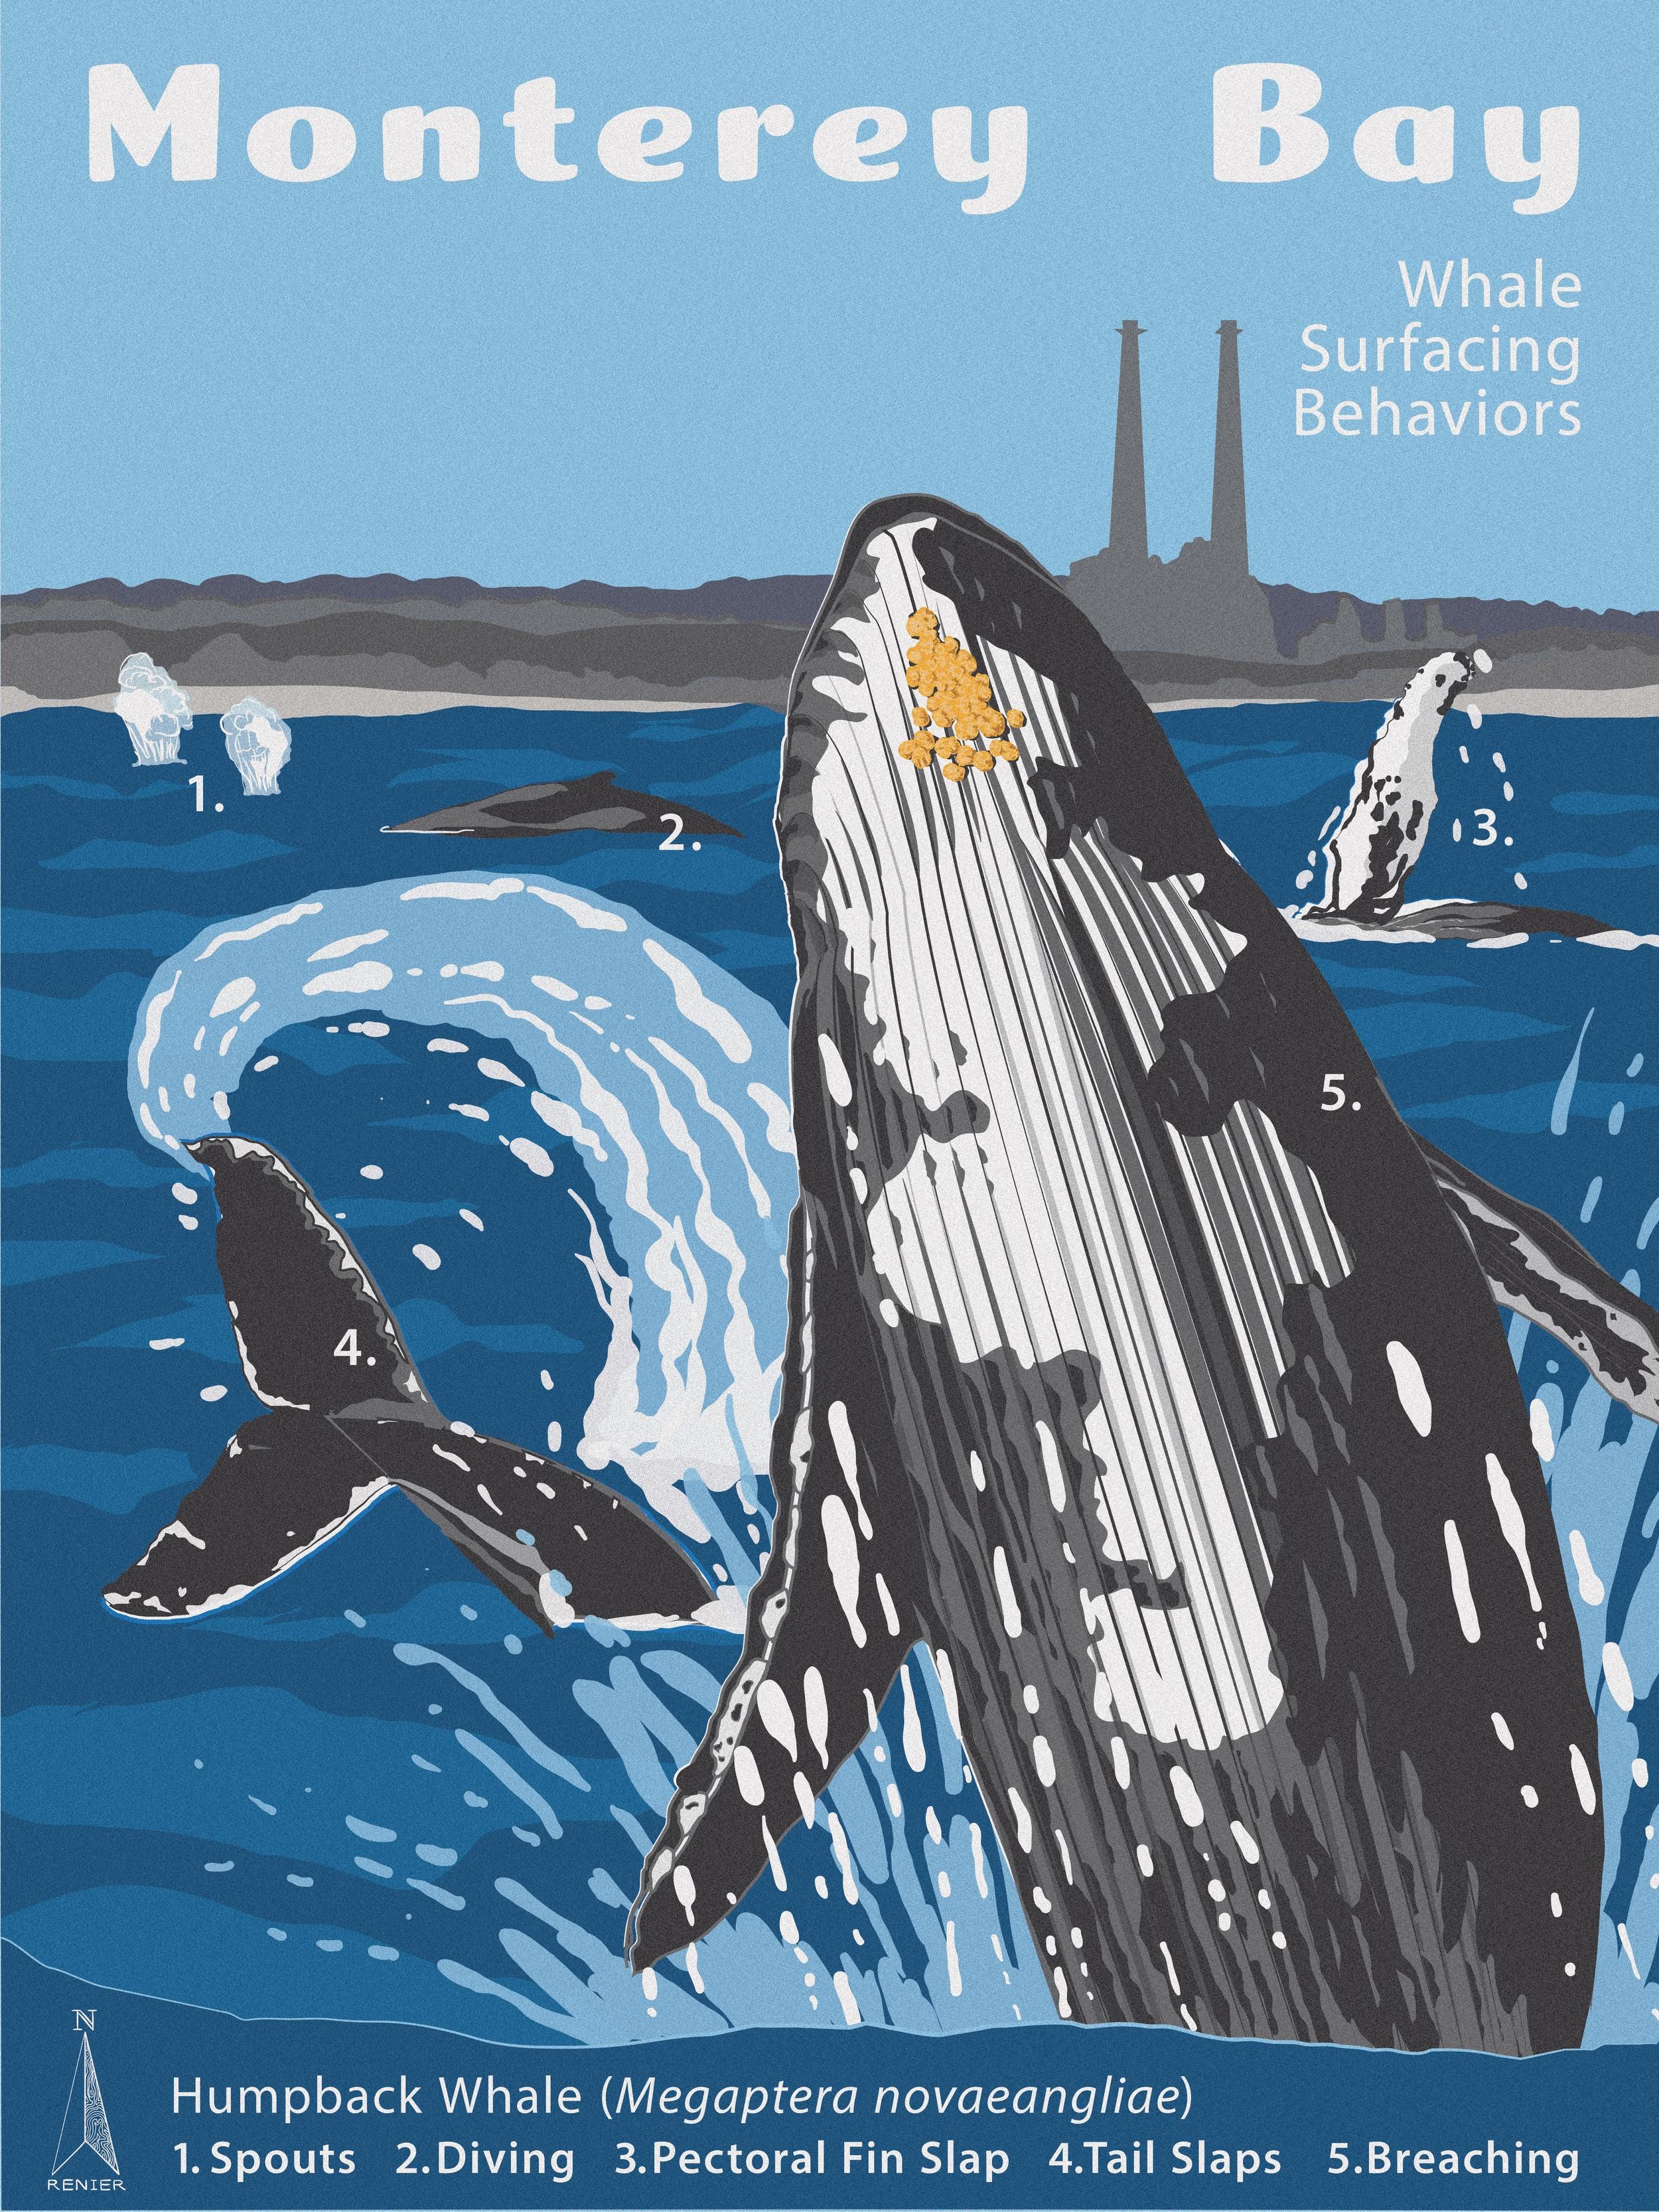 Humpback Surfacing Behaviors in Monterey Bay